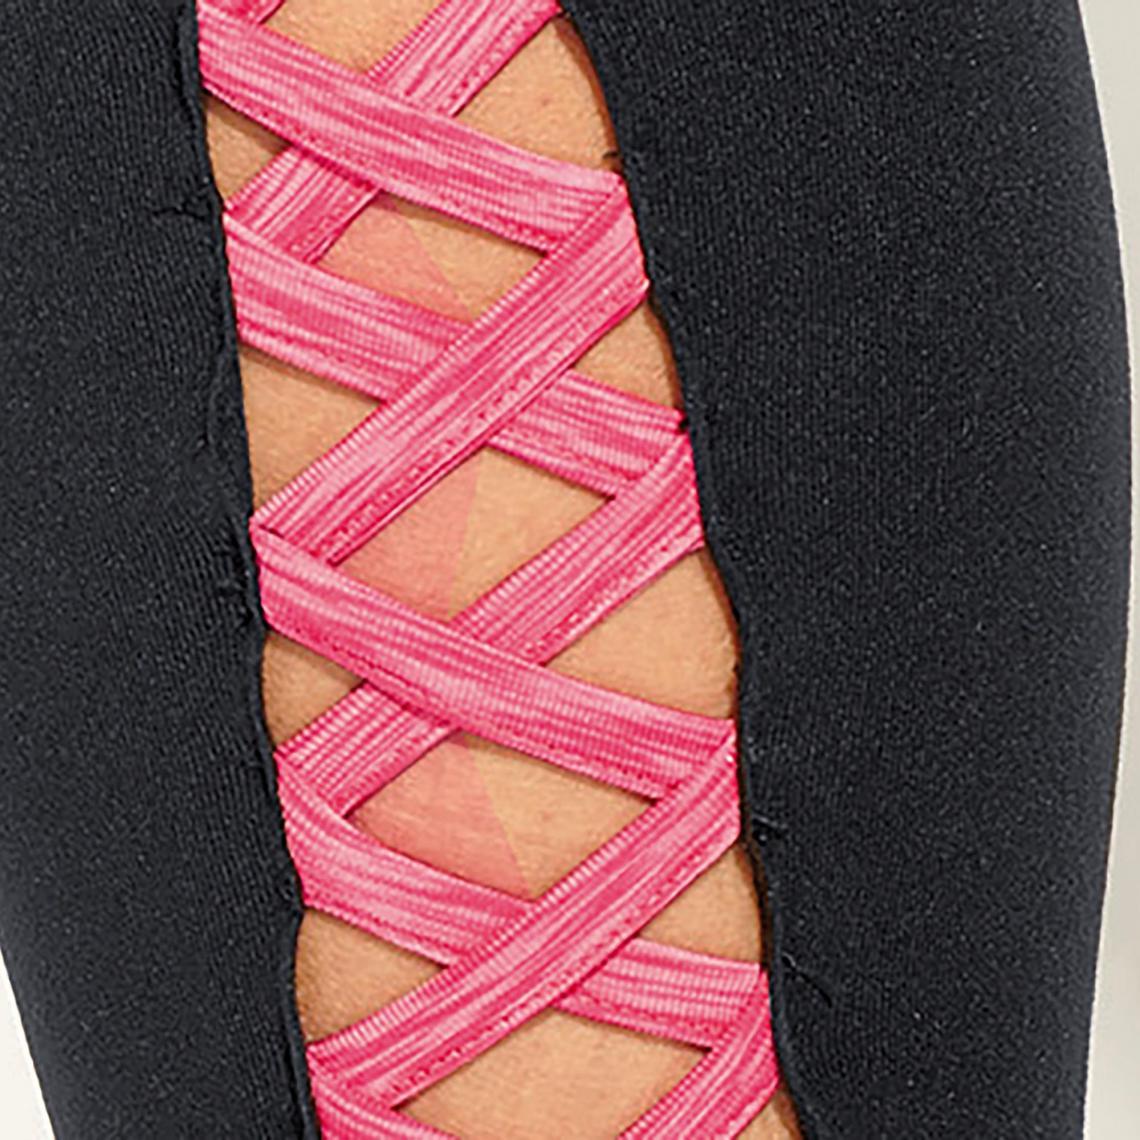 Pantalons de sport femme 3 SUISSES Cliquez l image pour l agrandir. Legging  sport lanières croisées sur bas femme Exclusivité 3SUISSES - Noir ... 626090c90e5